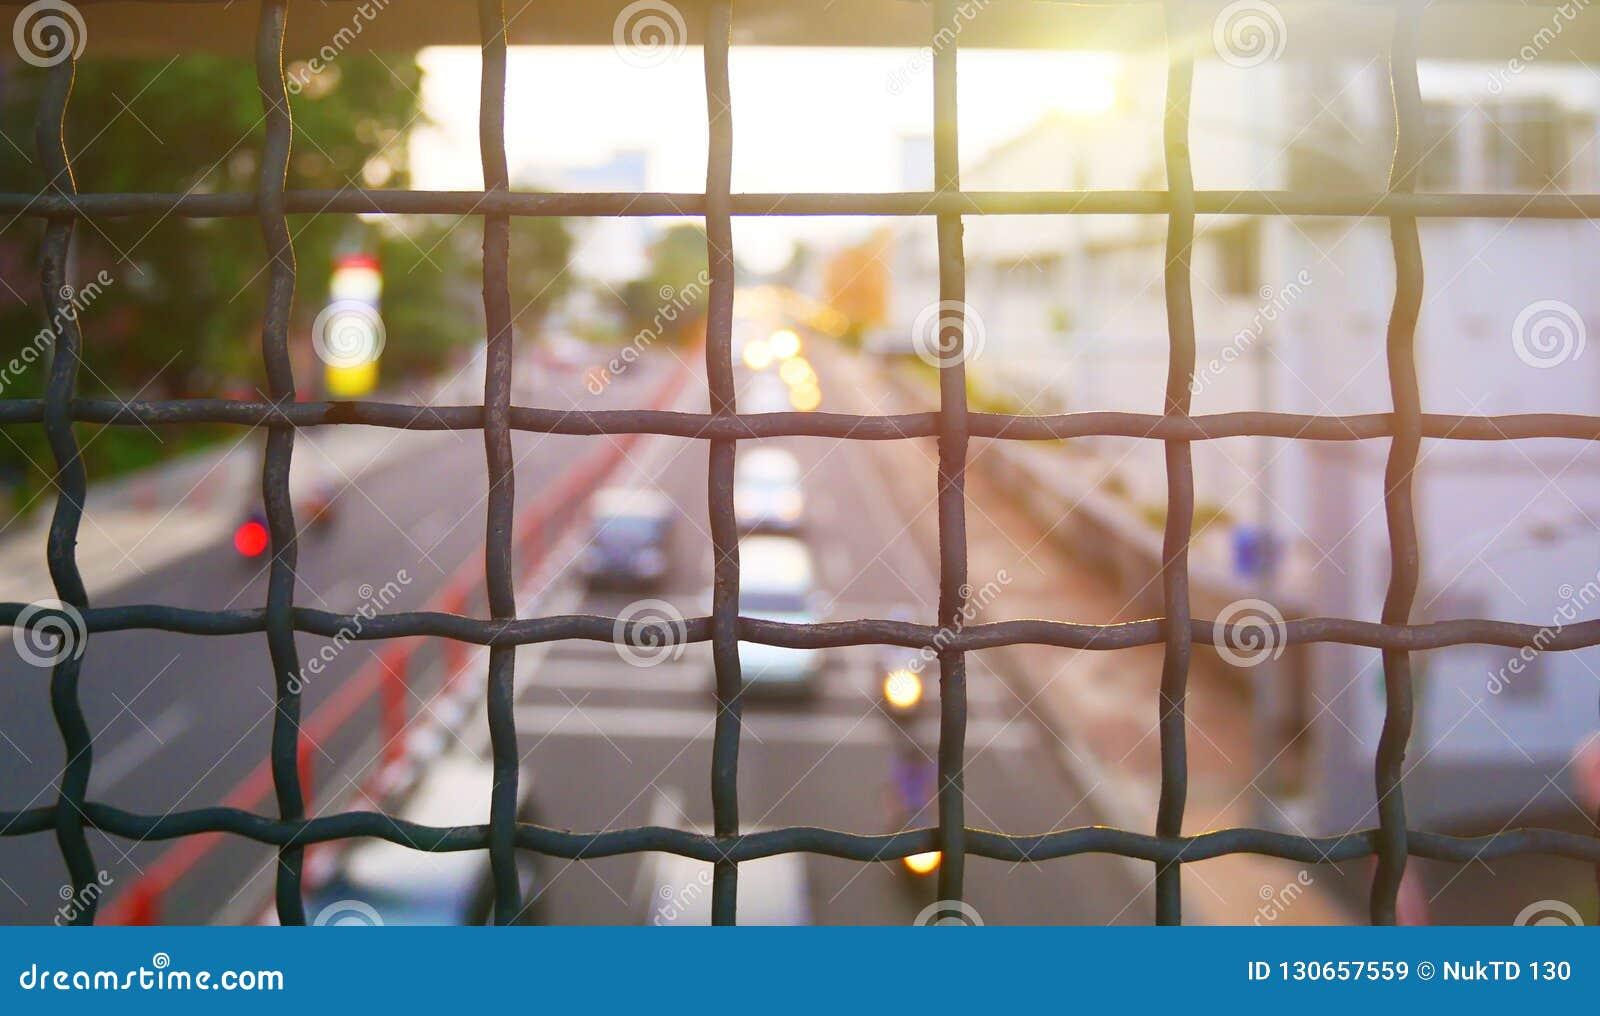 Zaun mit Metallgitter und Voraufflackern im Hintergrund